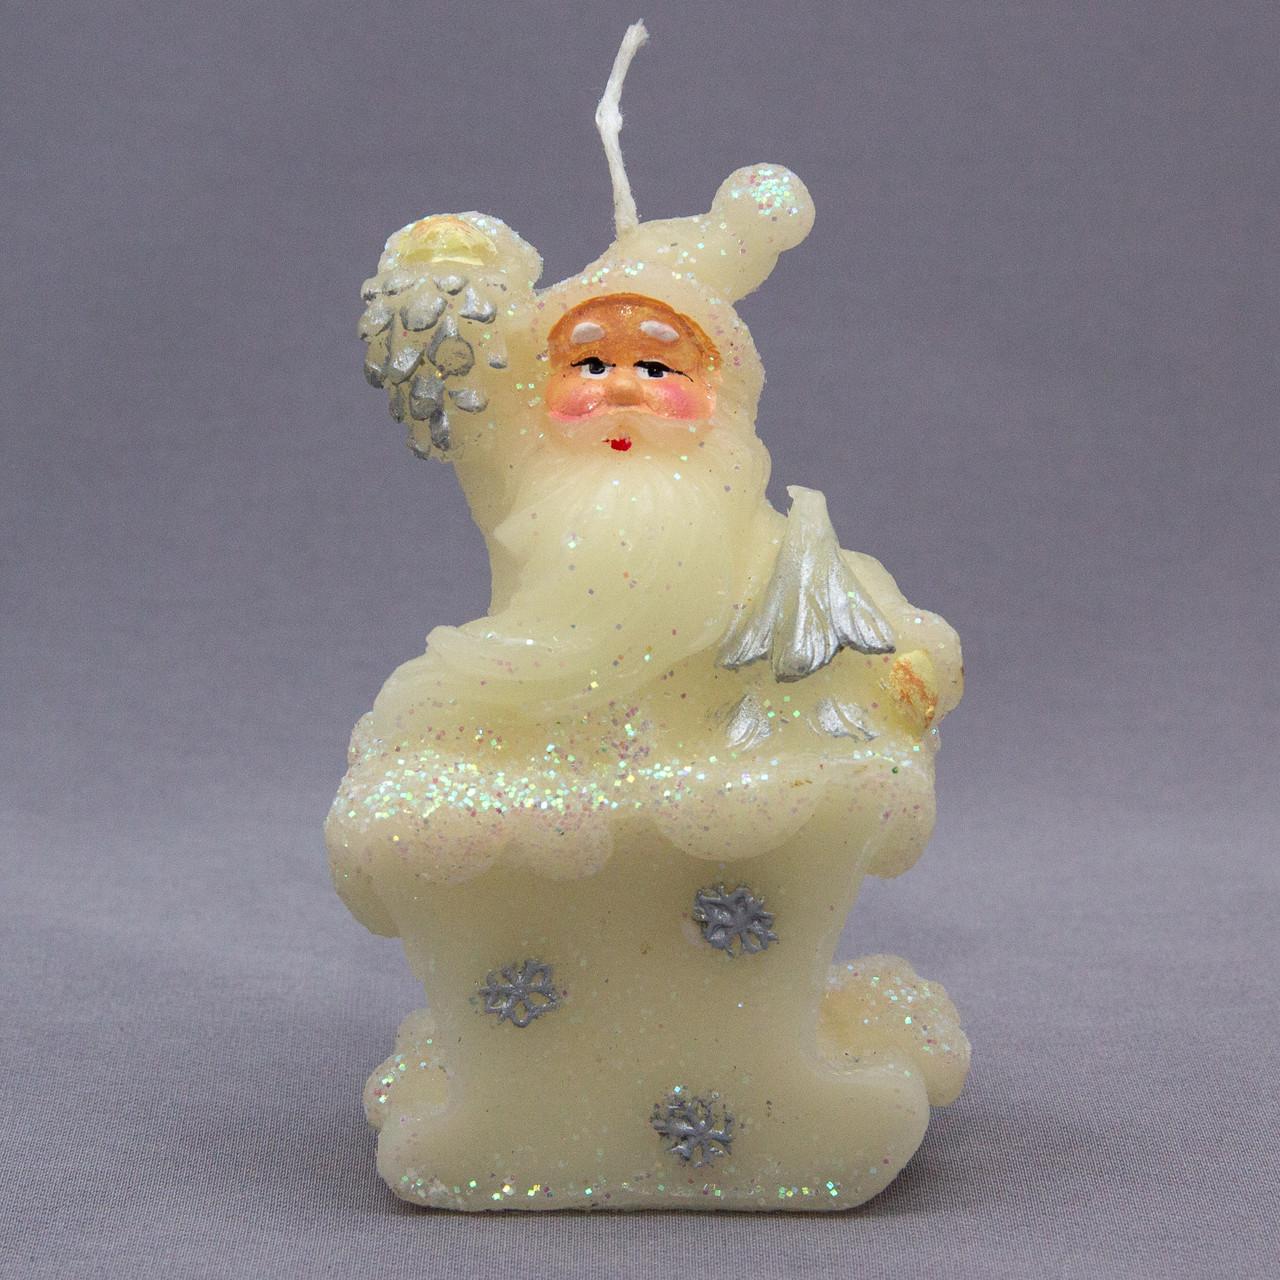 Свечка декоративная Дед Мороз с елкой, 6, 5*4*10см (442966-1)